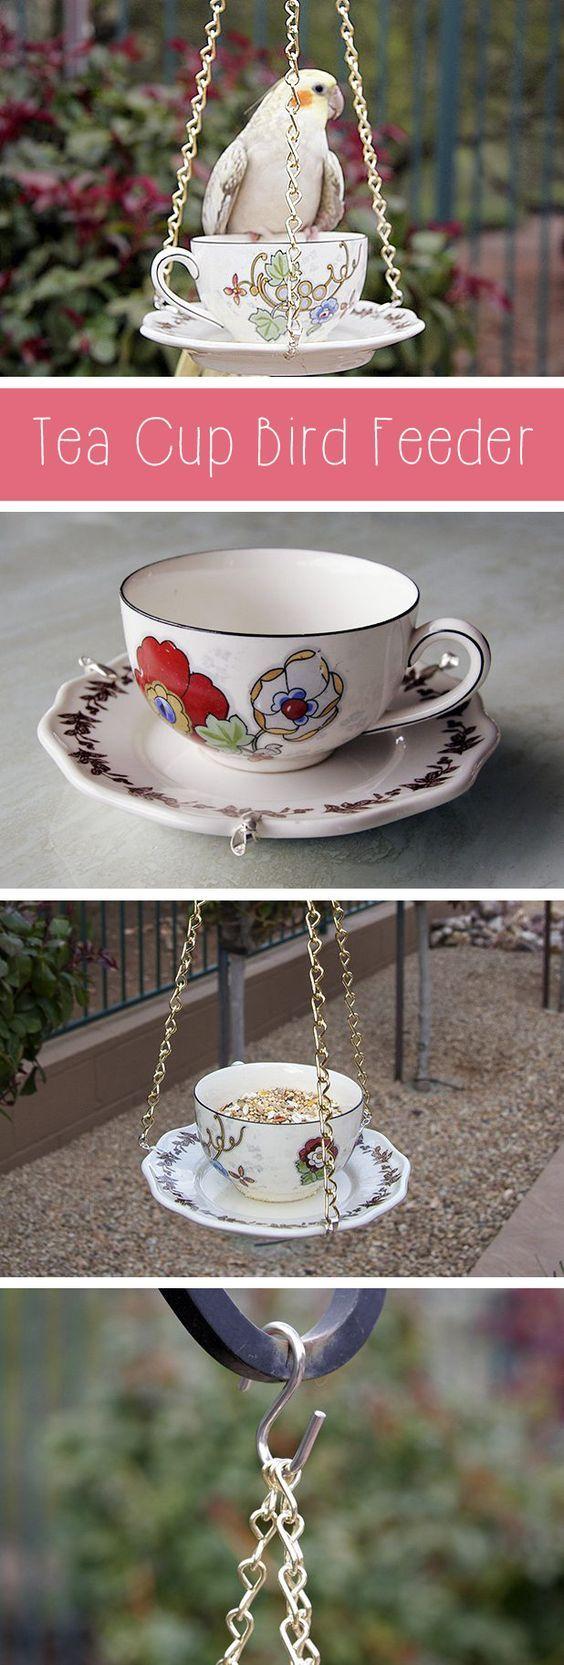 how to make a tea cup bird feeder simple diy bird feeder and